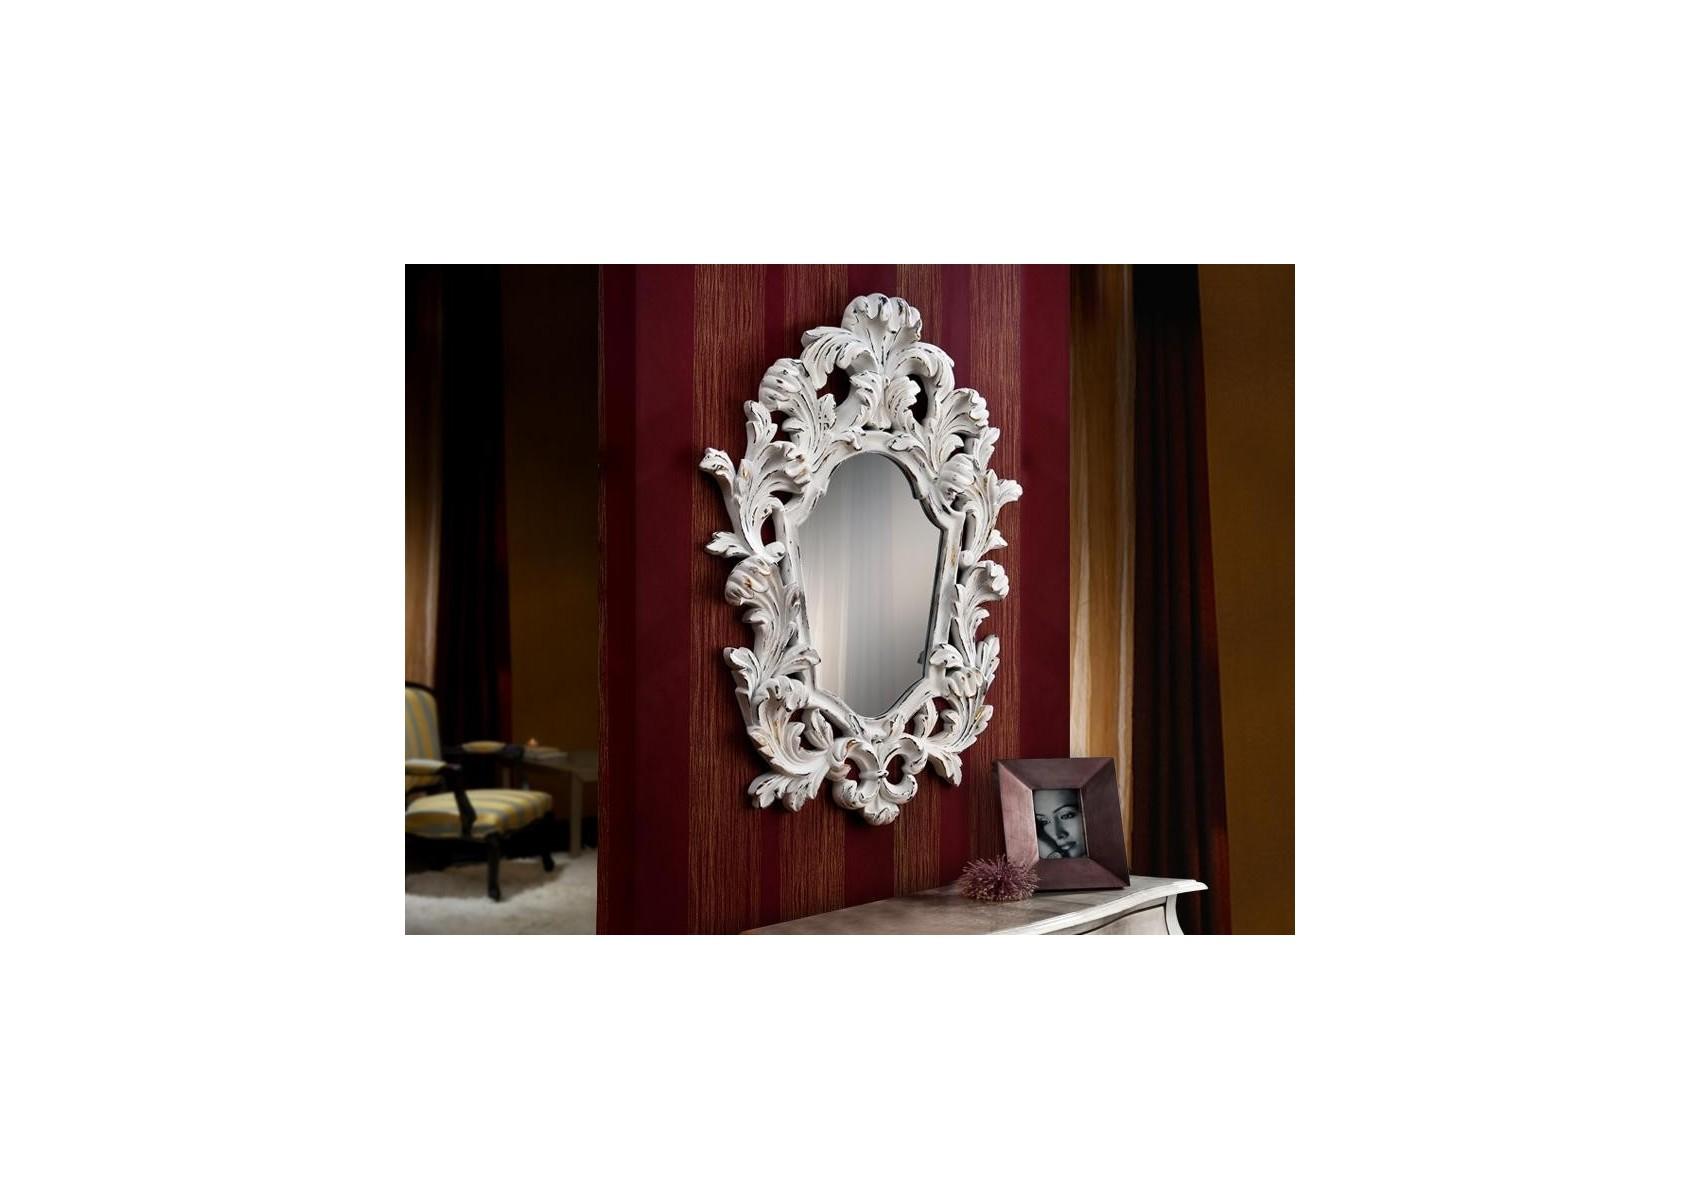 Miroir original design - JULIETTE BLANC - deco schuller